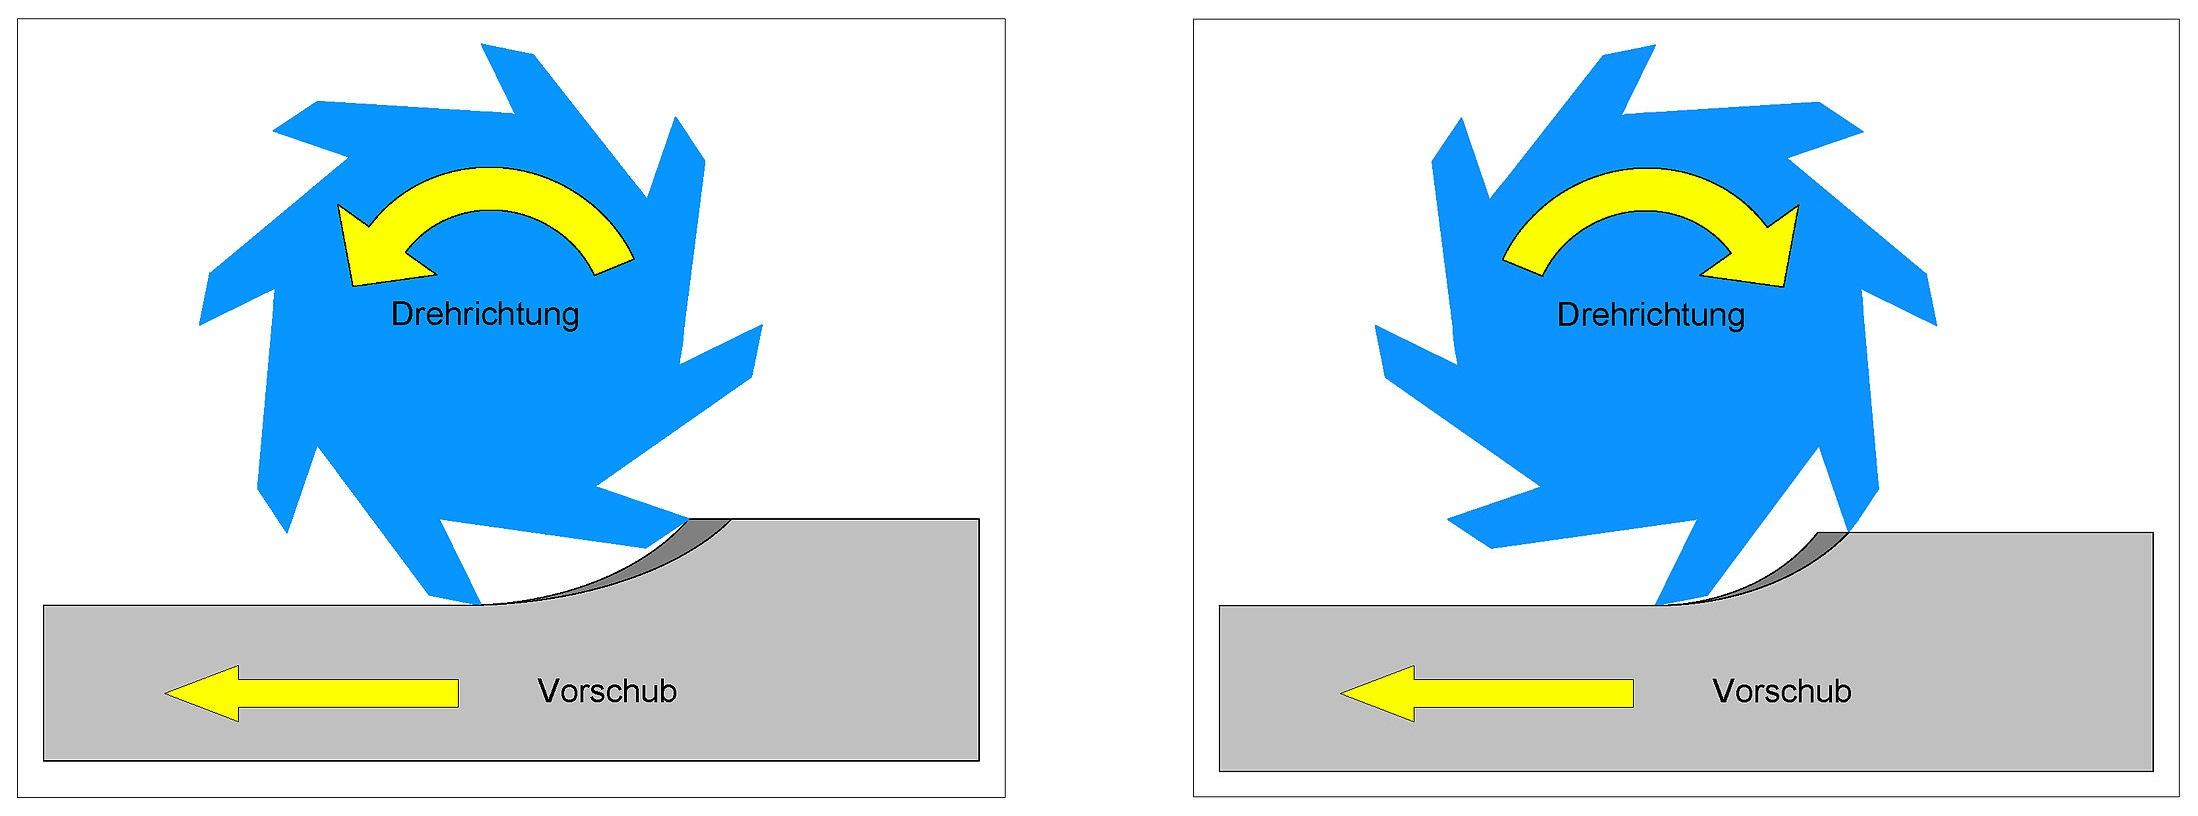 frezowanie przeciwbieżne, frezowanie współbieżne tworzyw sztucznych